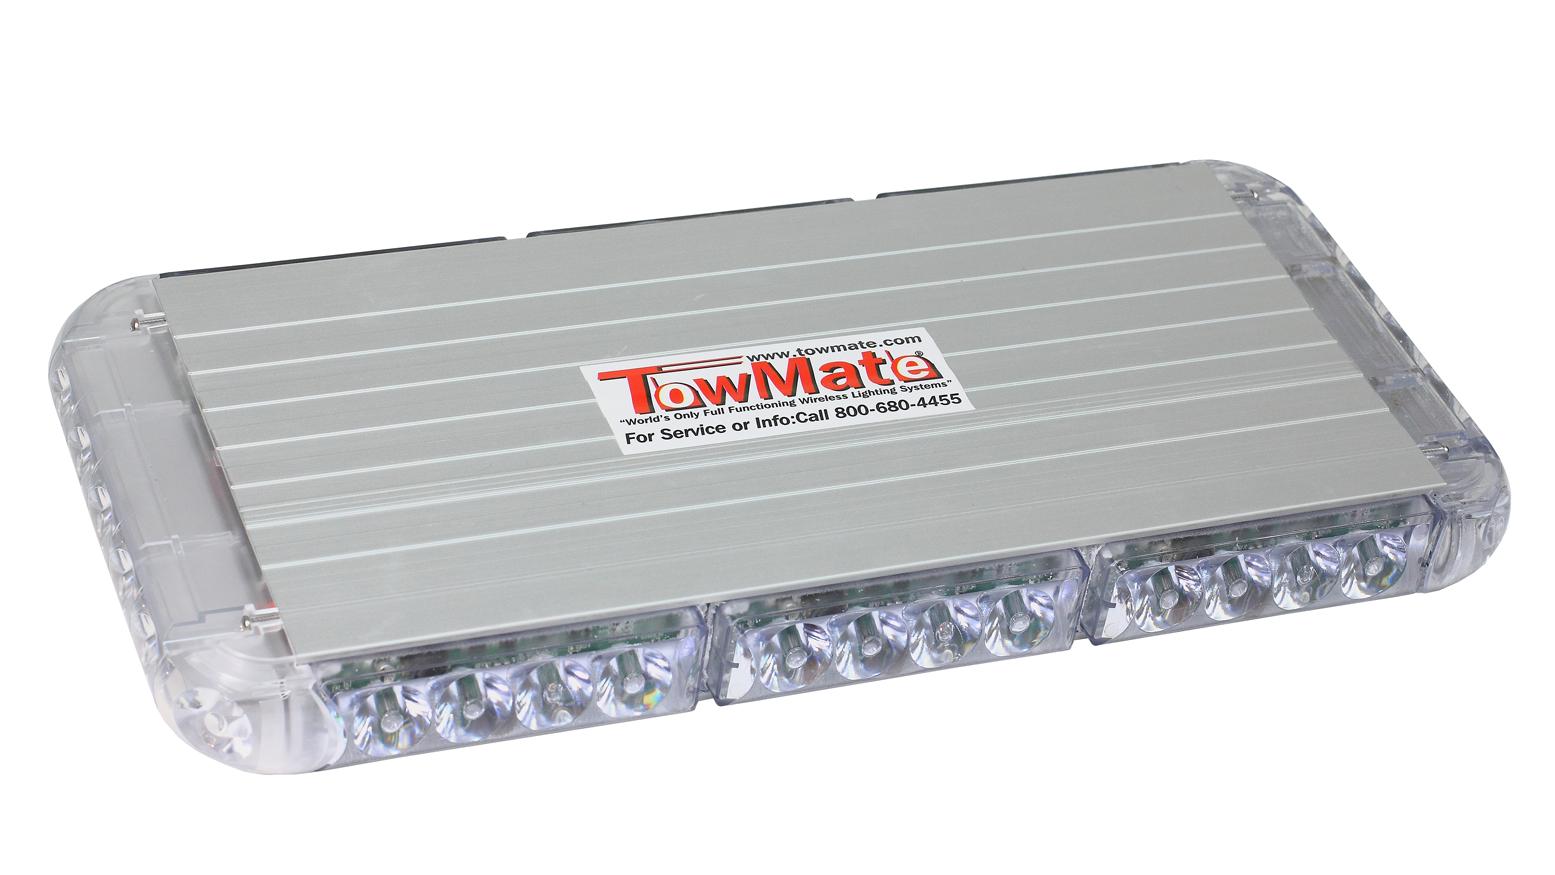 Pcx15 mini led light bar pod home power link pcx light bars pcx15 mini led light bar pod aloadofball Images